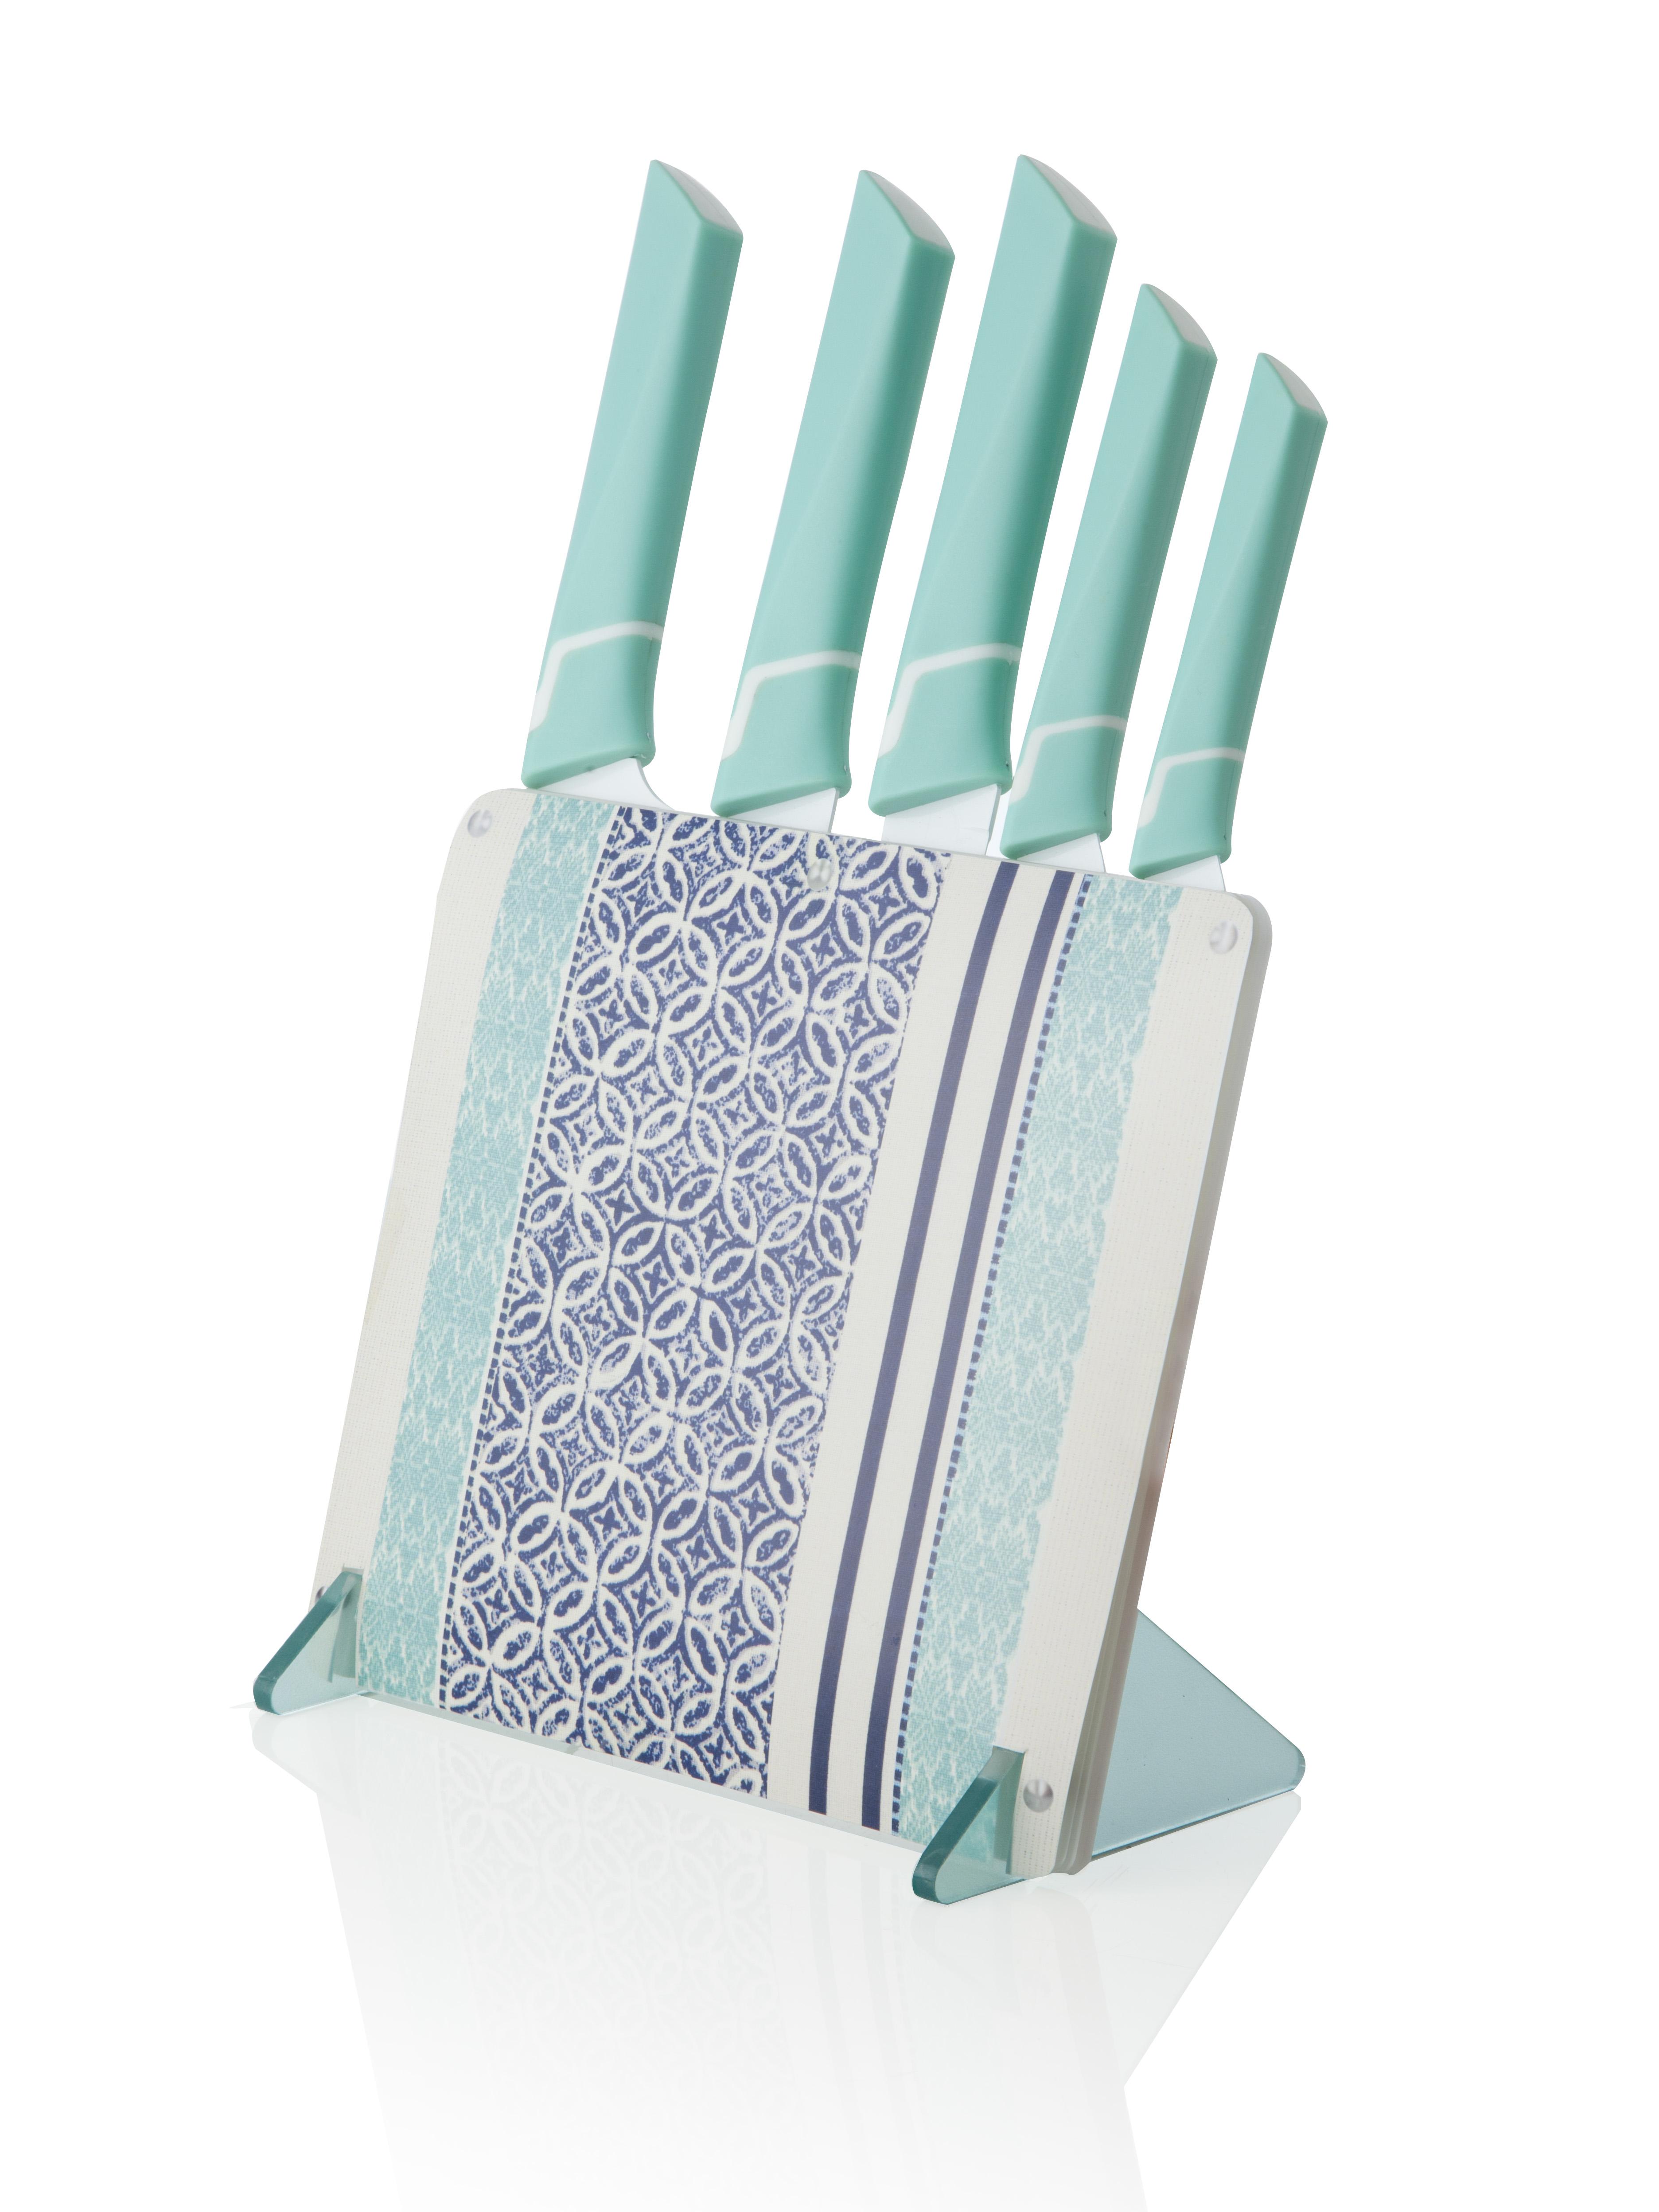 Набор кухонных ножей Brandani PANAREA, 5шт.